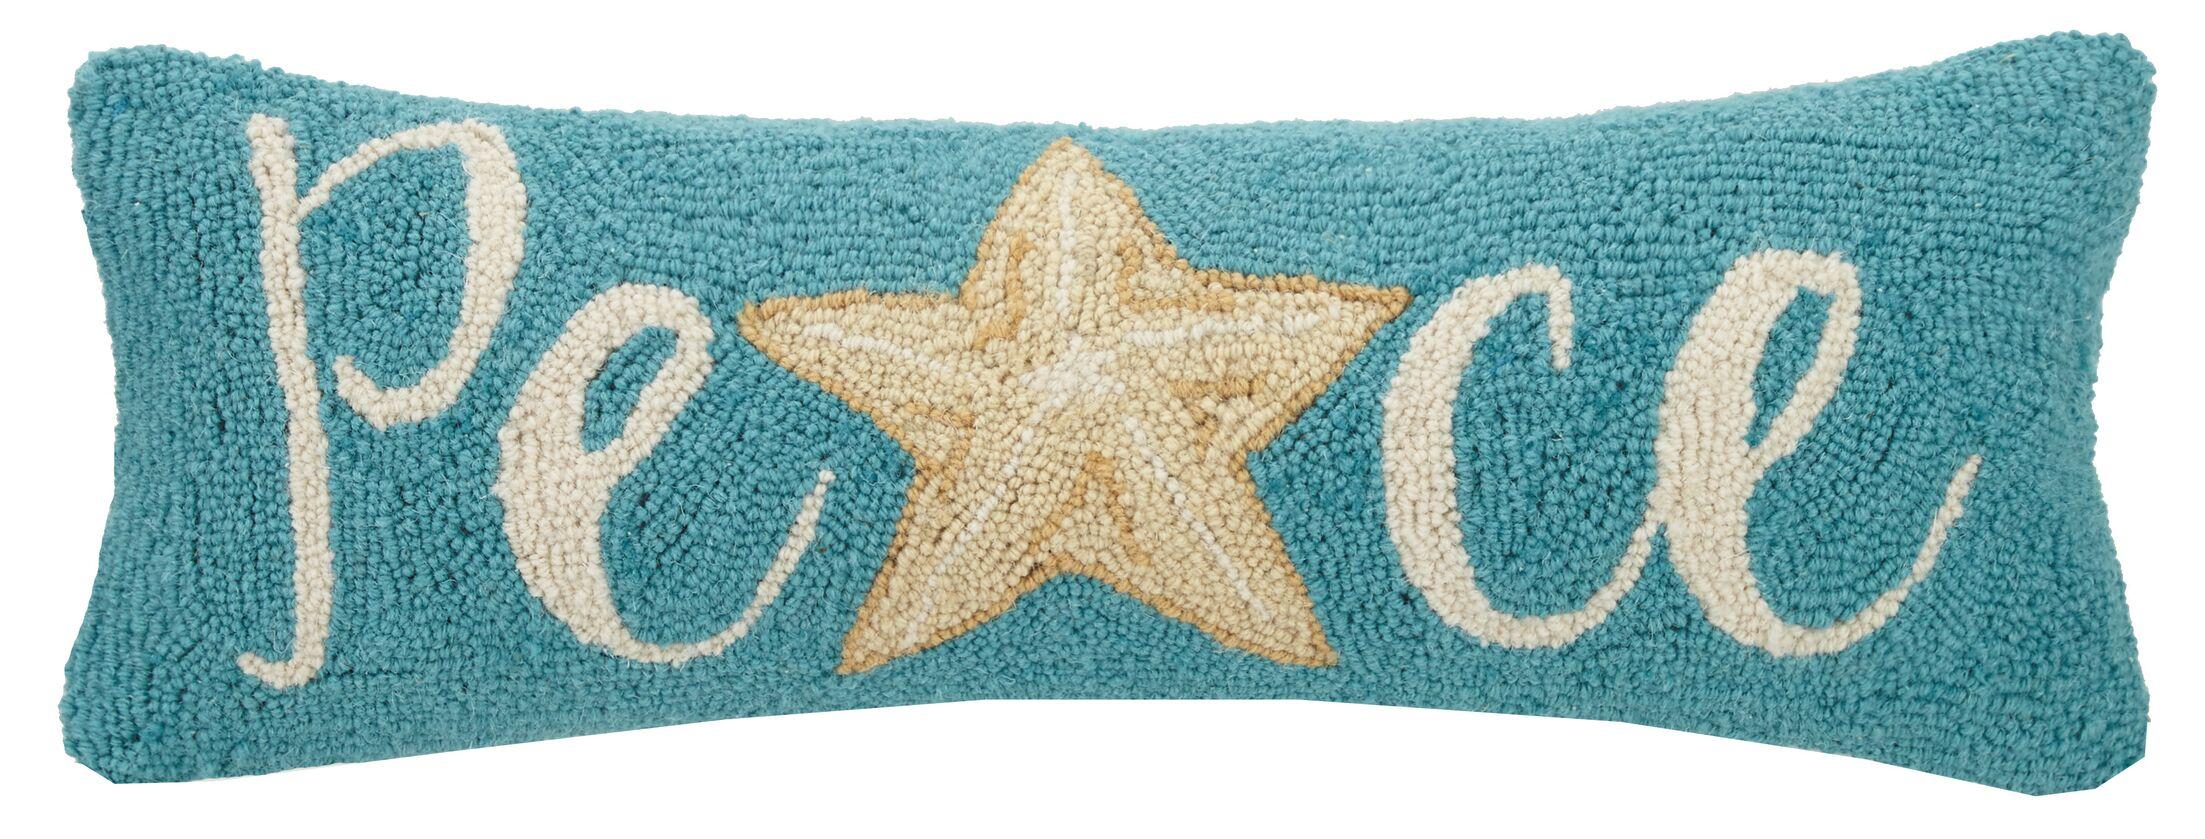 Flanagan Starfish Peace Hook Wool Lumbar Pillow